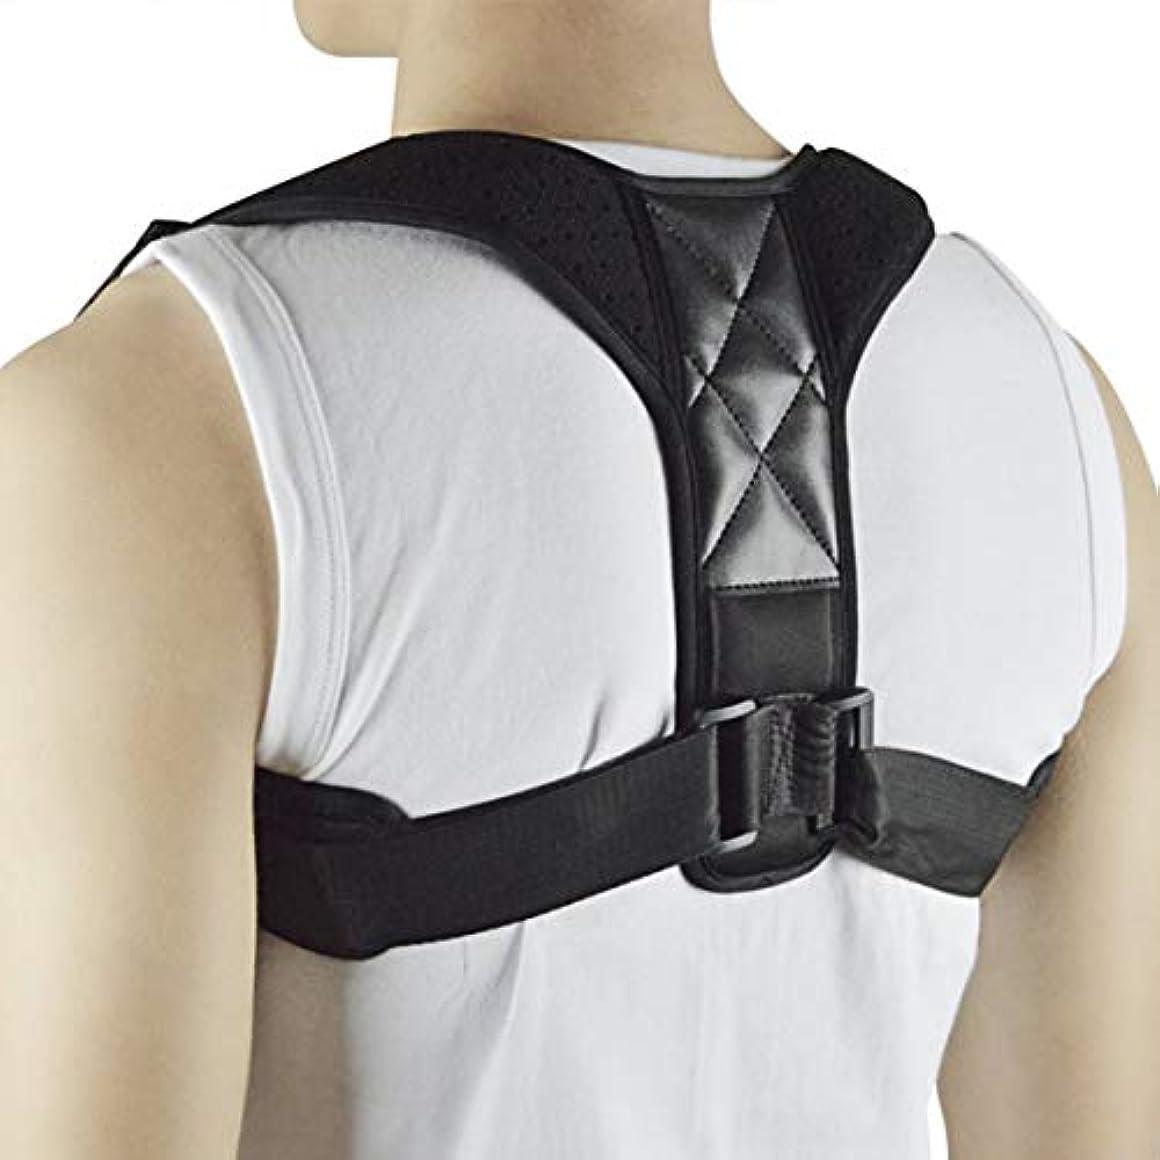 マトン気性うがいWT-C734ザトウクジラ矯正ベルト大人の脊椎背部固定子の背部矯正 - 多色アドバンス